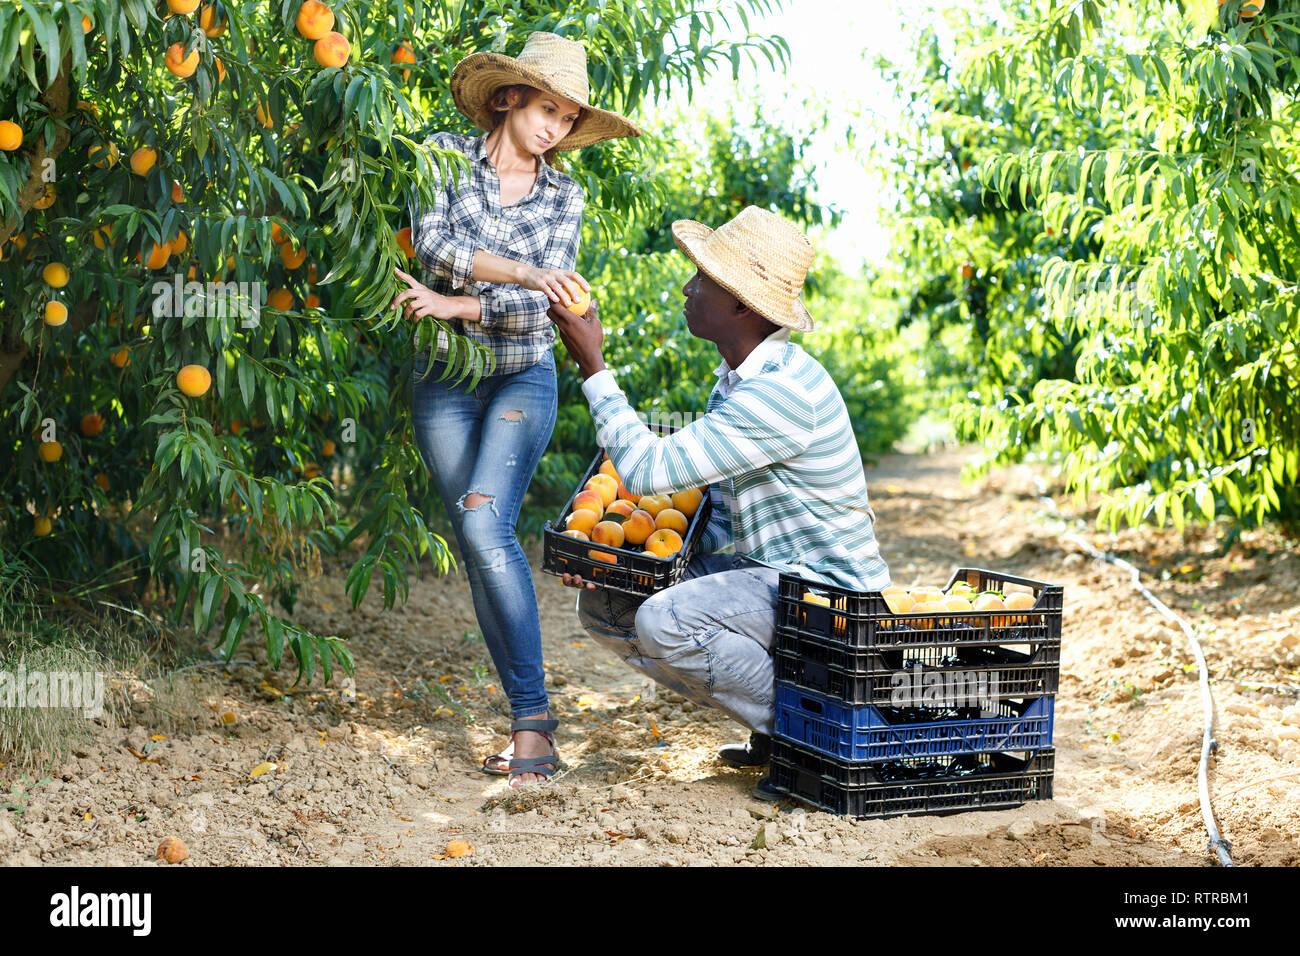 Jardin À L Américaine l'homme afro-américaine positive de la récolte dans le